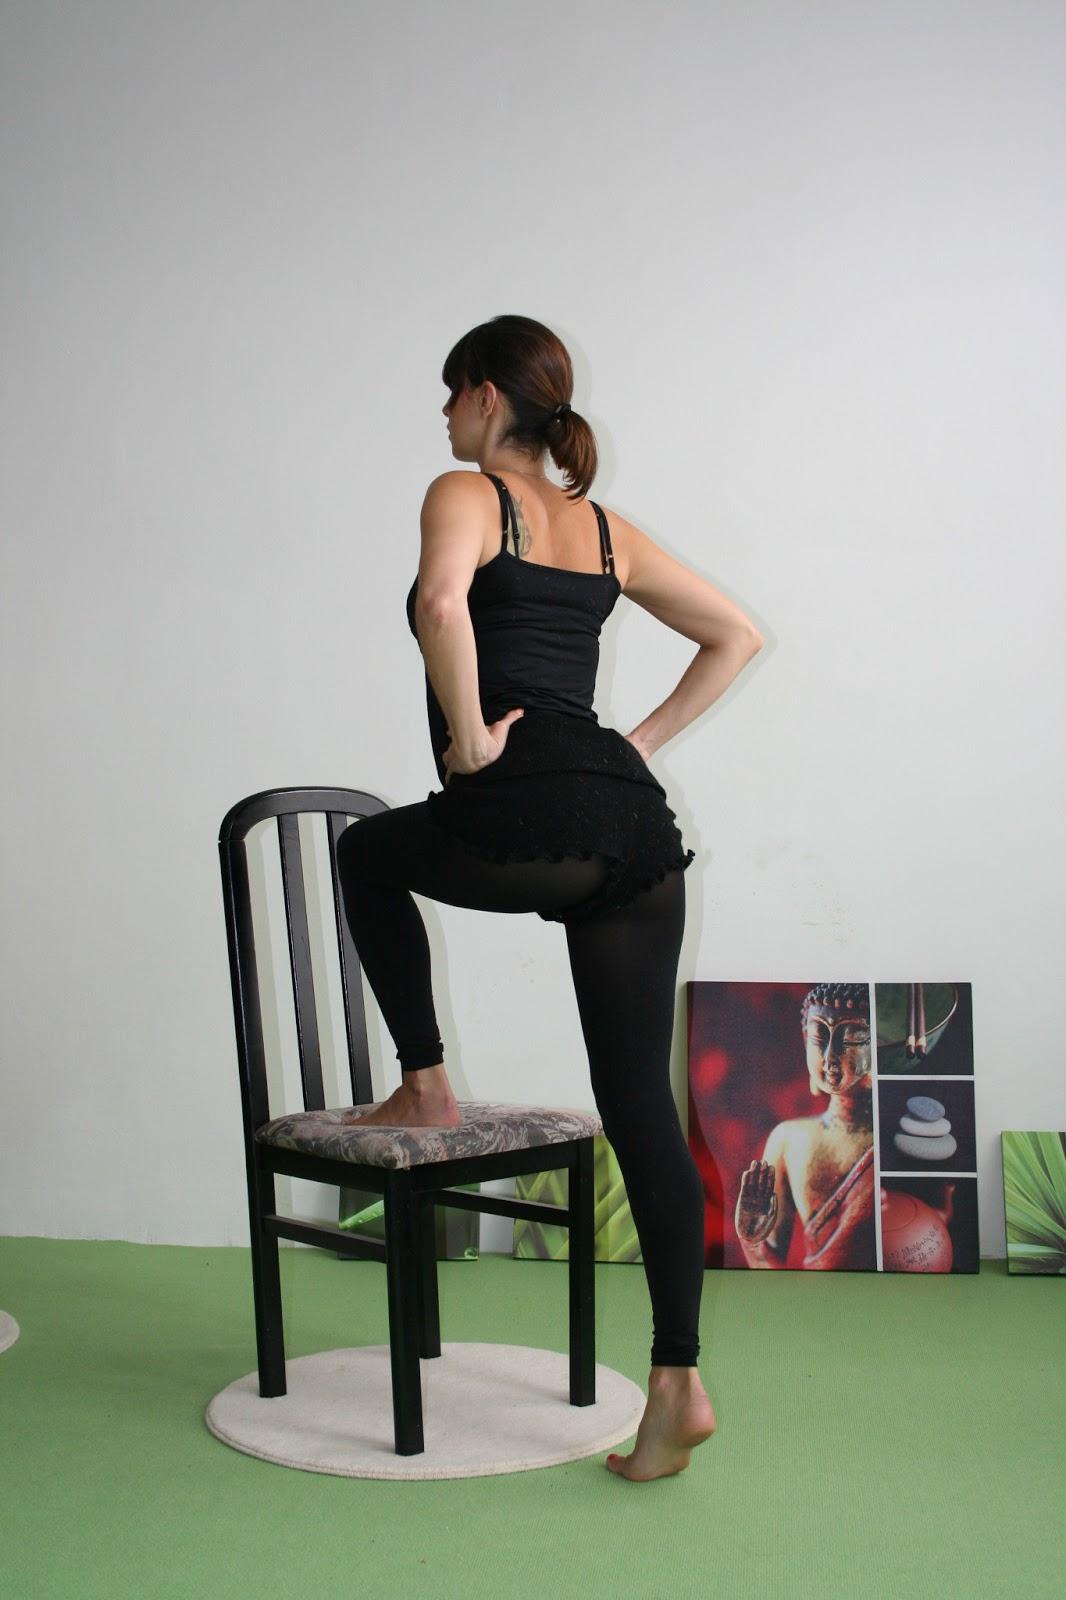 Exercices de gym la maison 4 la chaise ma petite niche for Maison de la chaise